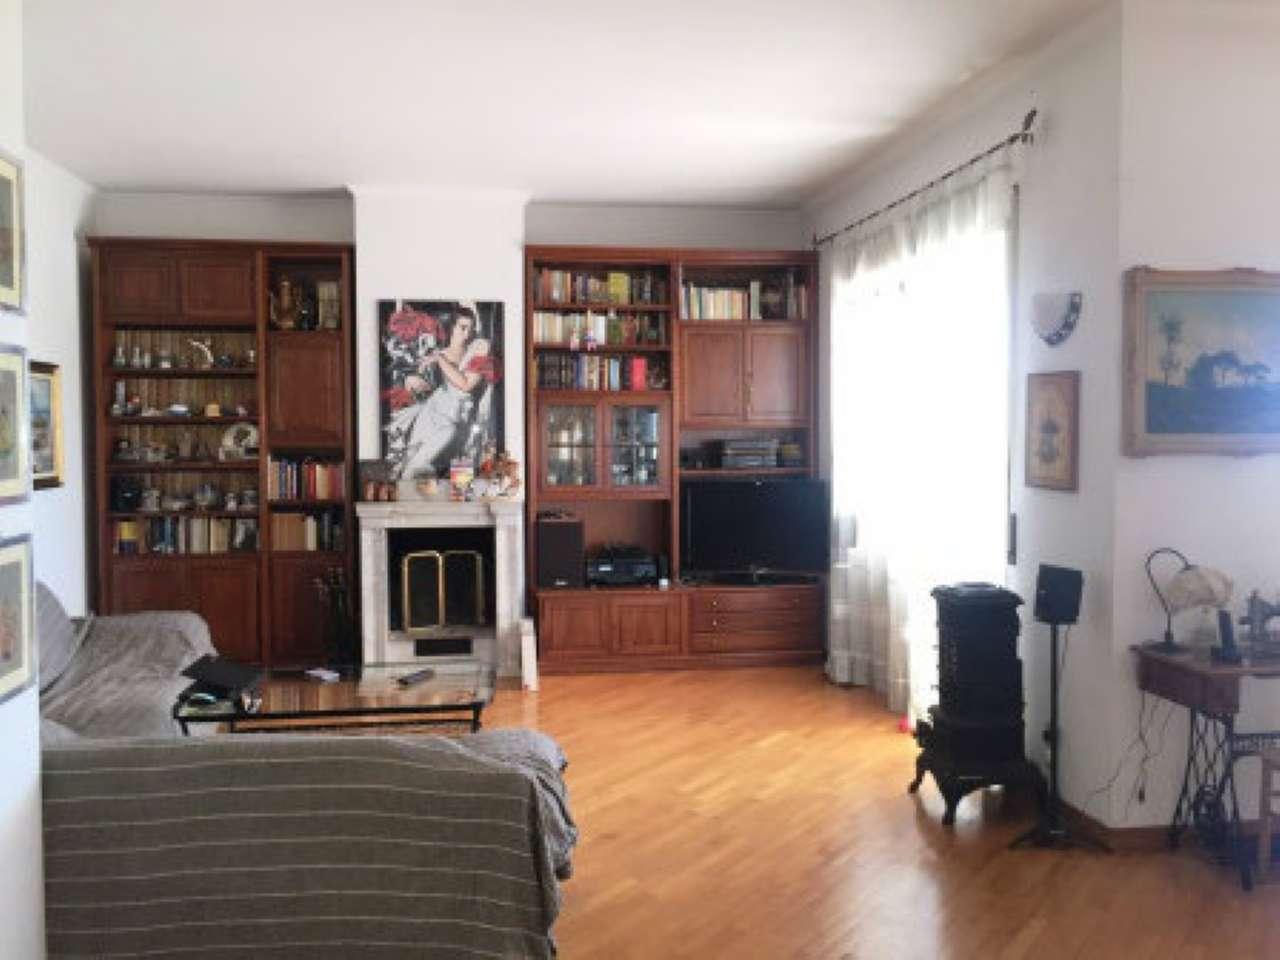 Attico / Mansarda in vendita a Roma, 7 locali, zona Zona: 29 . Balduina, Montemario, Sant'Onofrio, Trionfale, Camilluccia, Cortina d'Ampezzo, prezzo € 720.000 | CambioCasa.it